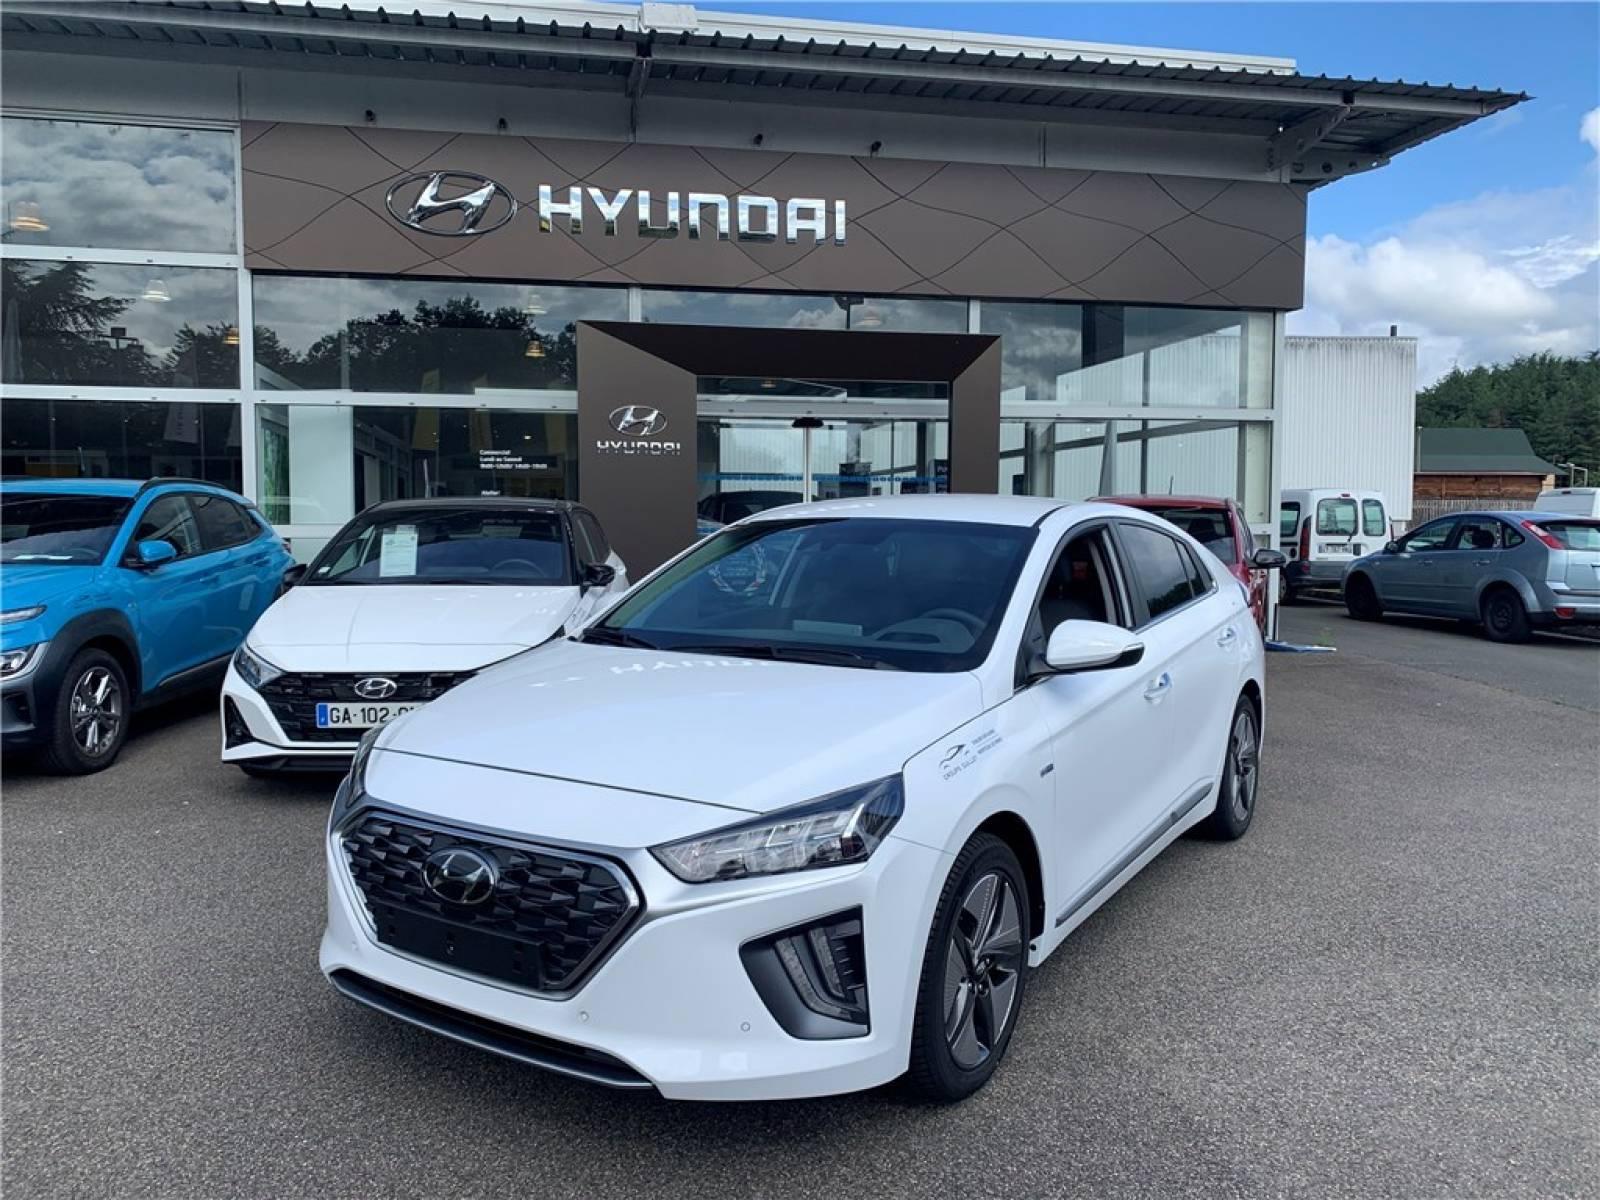 HYUNDAI Ioniq Hybrid 141 ch - véhicule d'occasion - Groupe Guillet - Chalon Automobiles - 71100 - Chalon-sur-Saône - 1